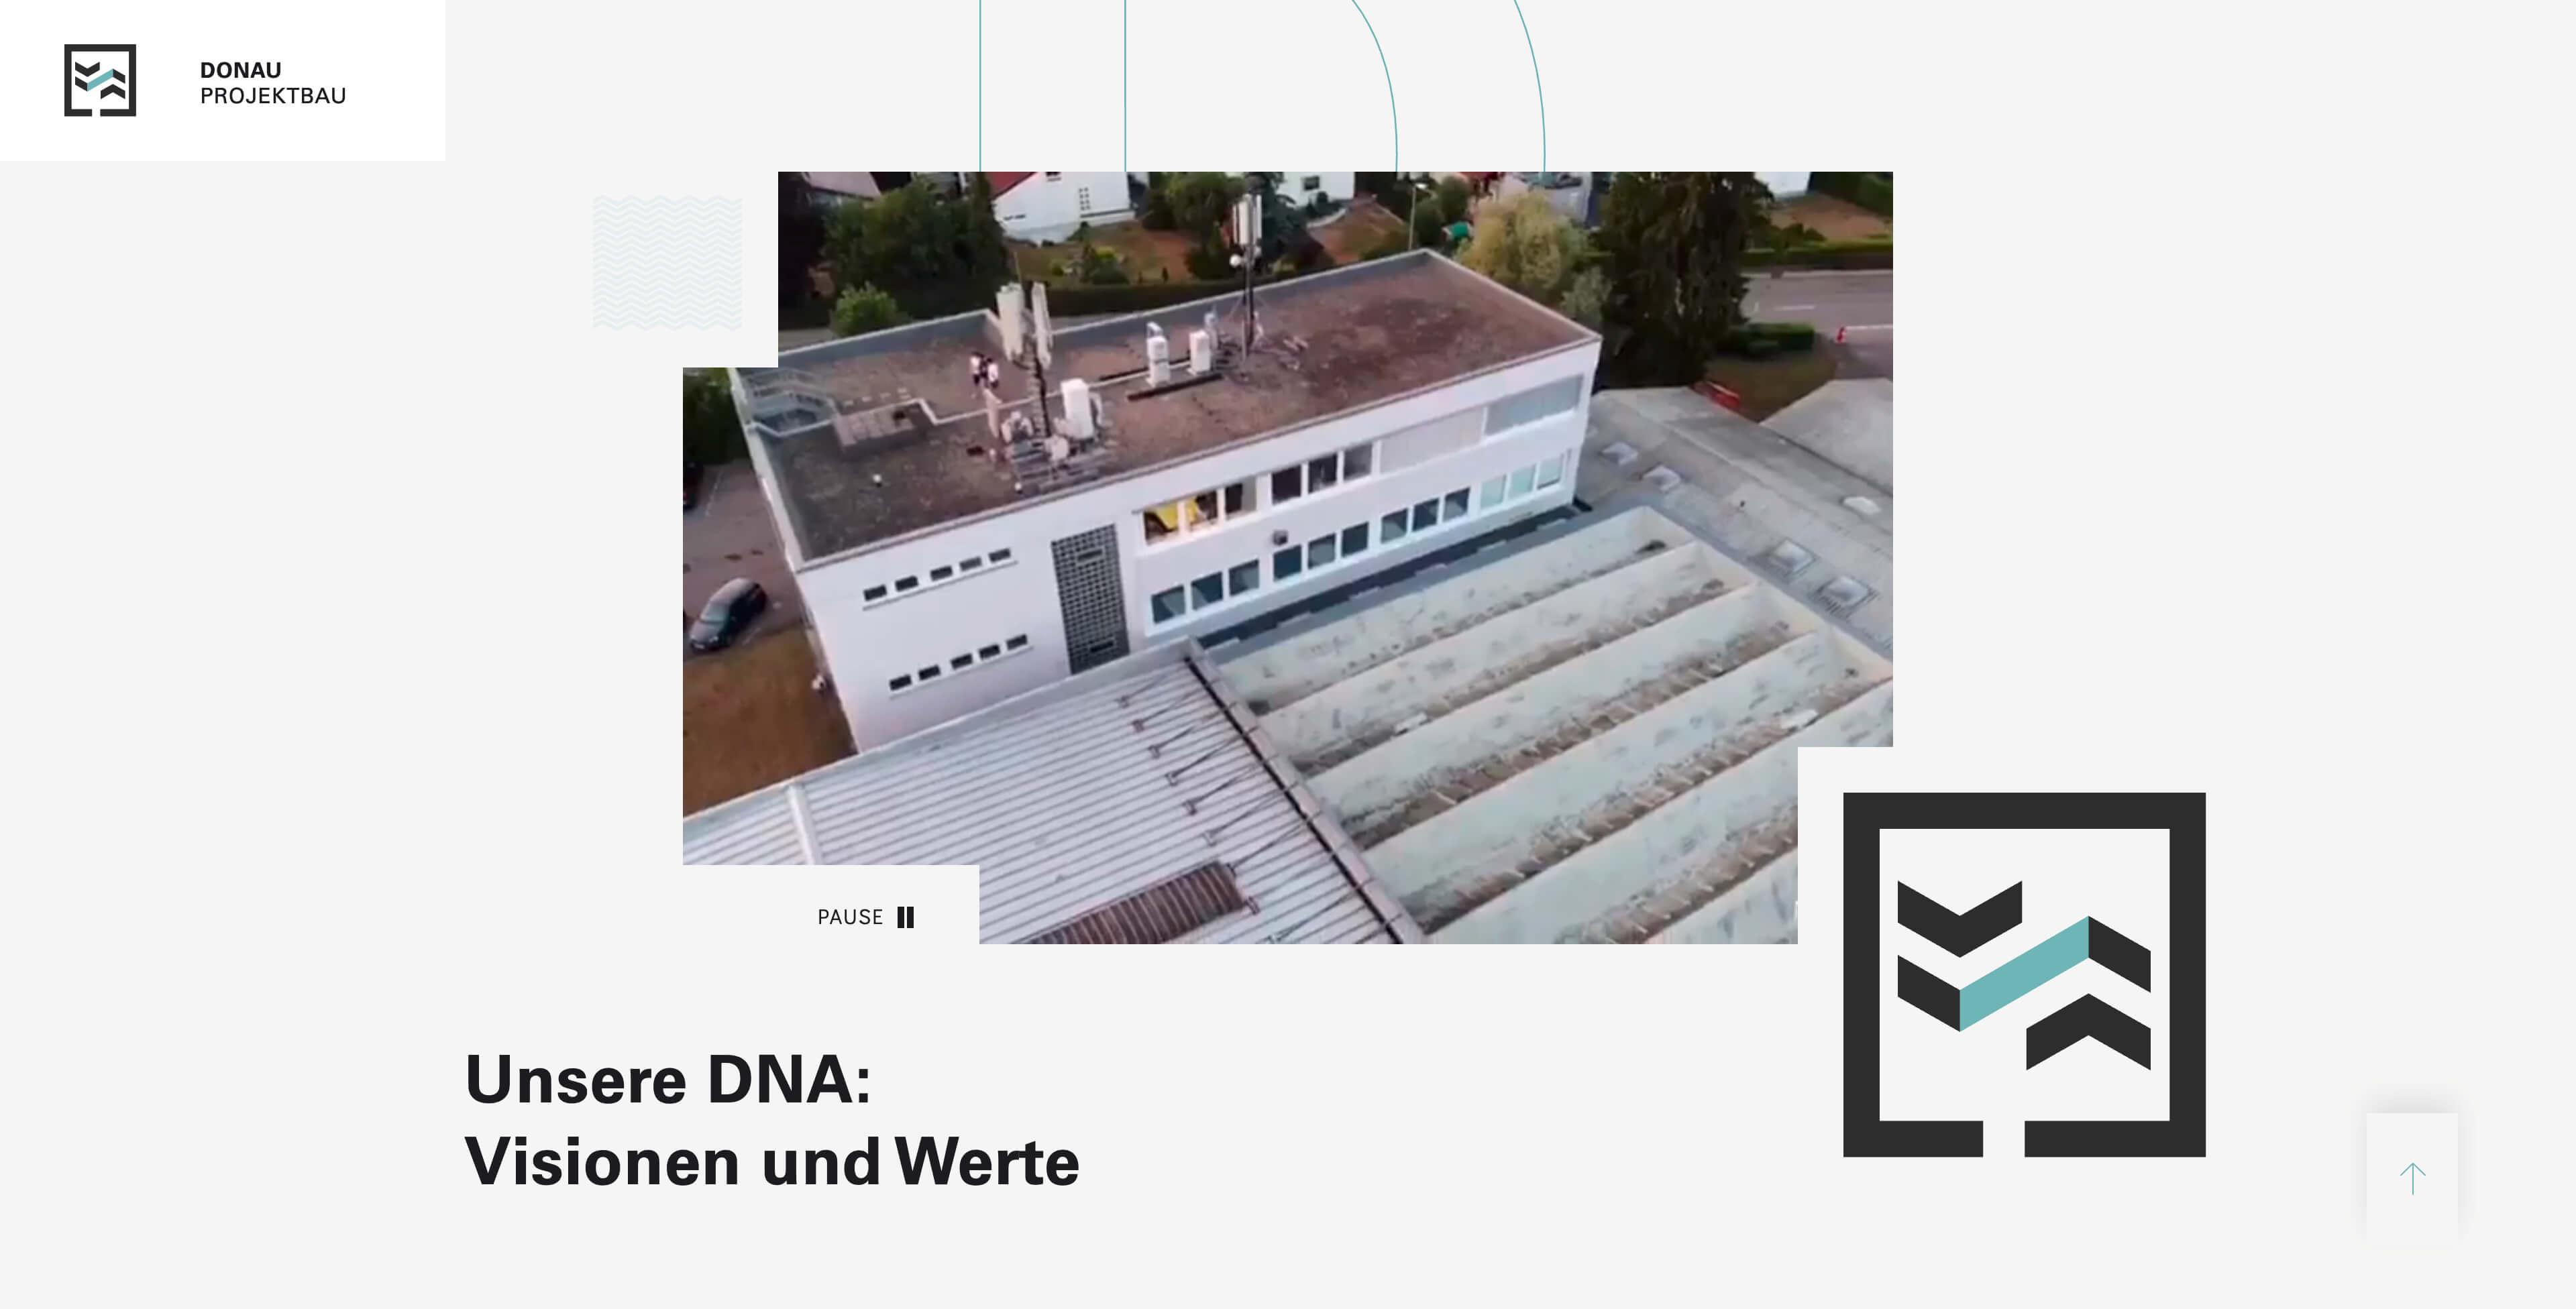 Bild der Website von Donau Projektbau erstellt von Hofling - Studio für Webdesign